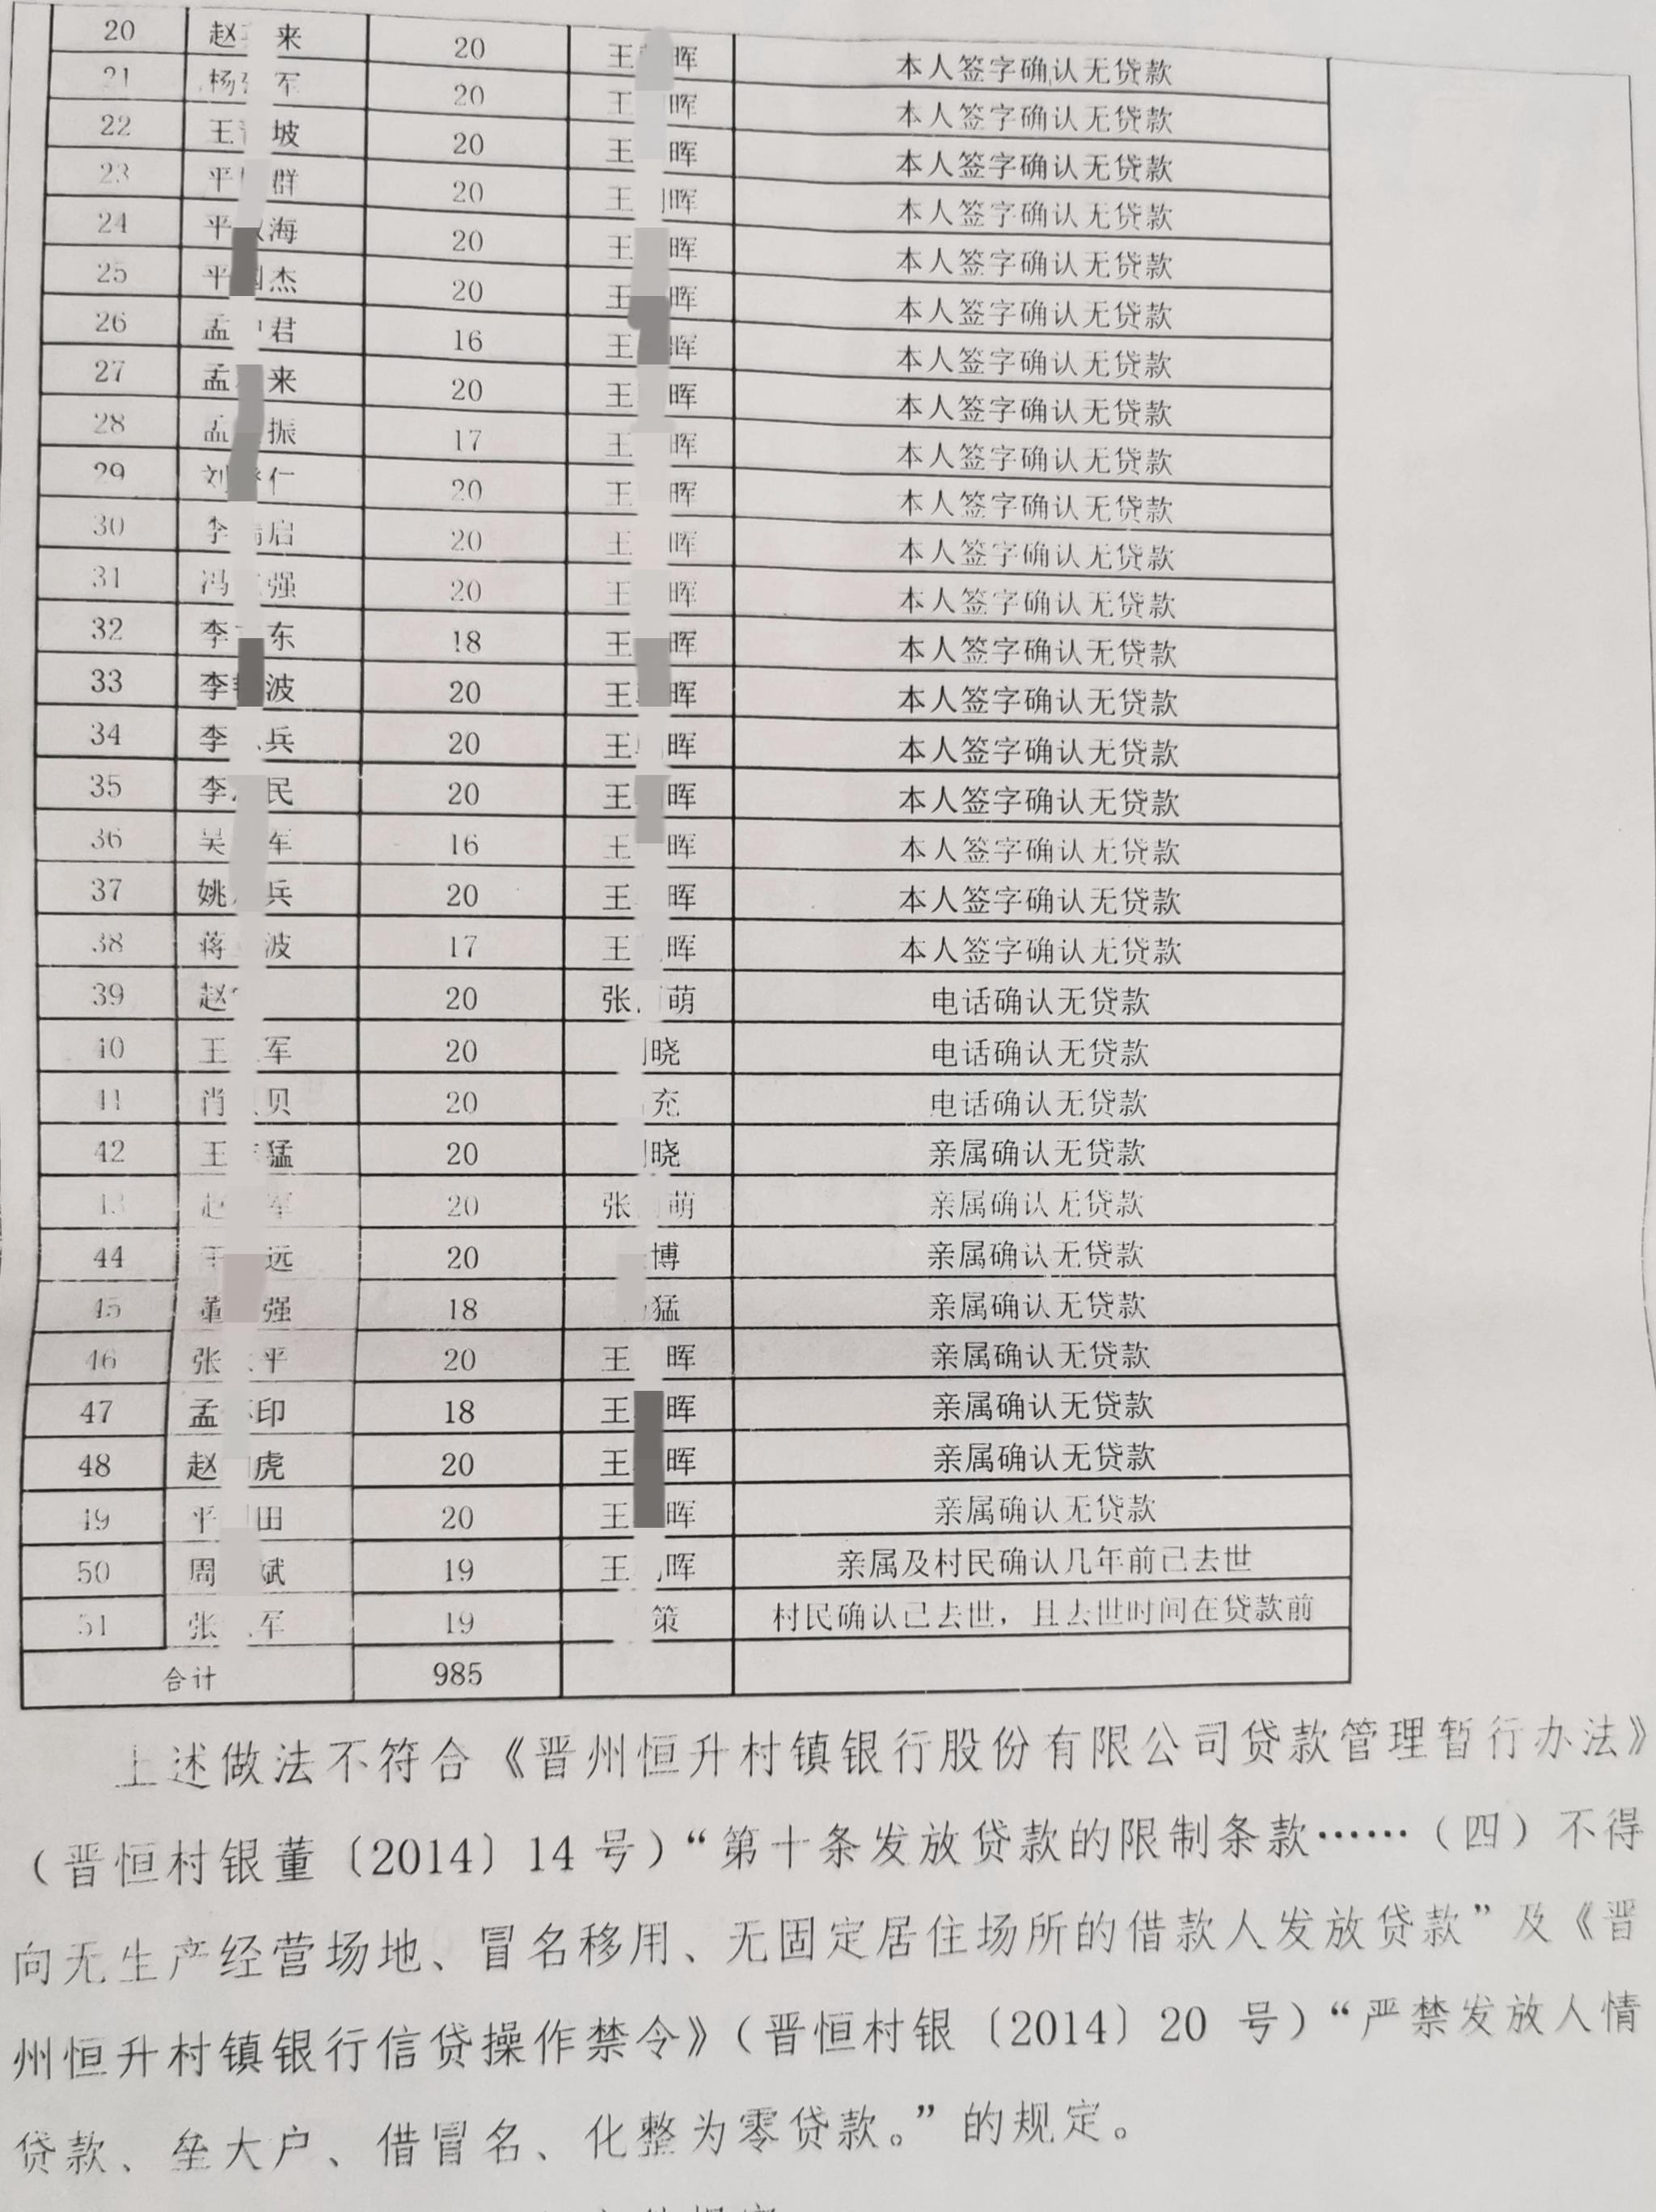 瓯海银行对恒升银行小樵支行进行合规检查后出具的《事实认定书》。新京报记者 李英强 摄